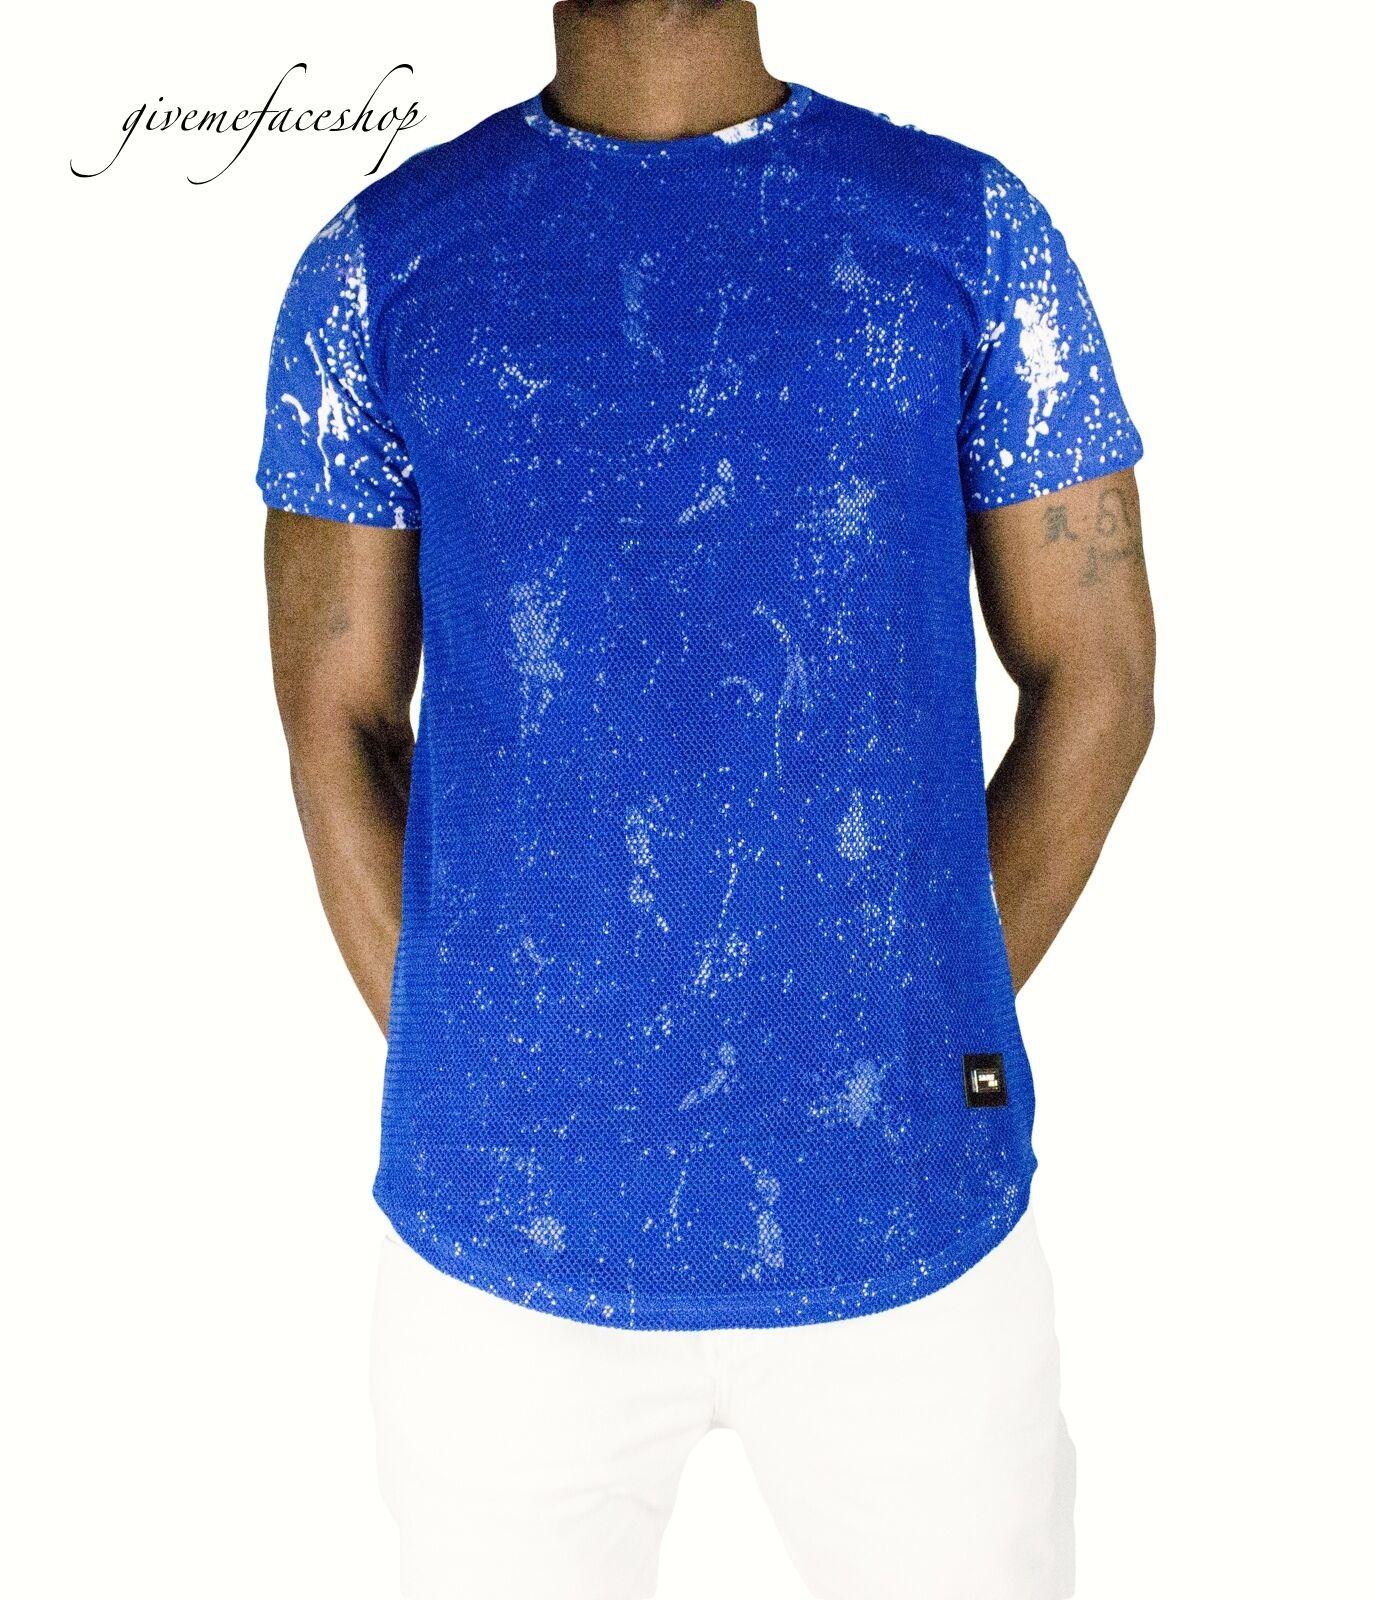 Time is Money mesh splatter star club t shirt, rap hip hop g pu mens tees bluee